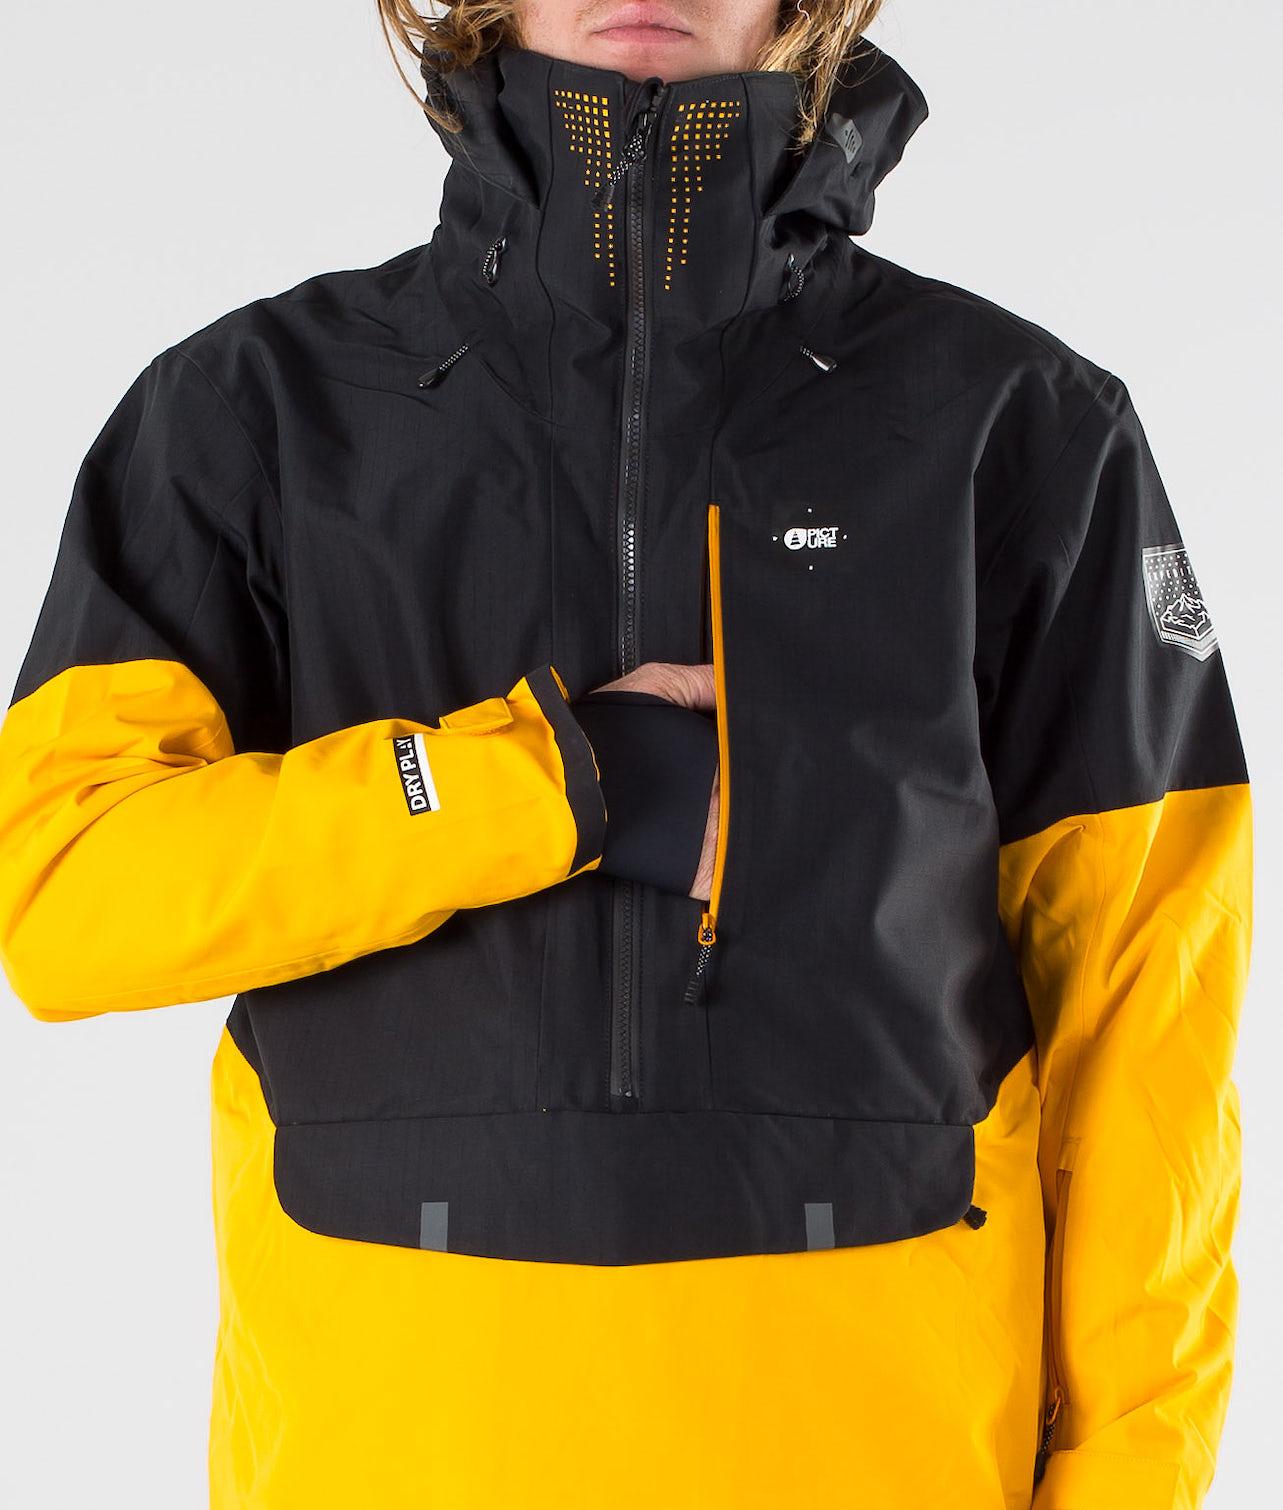 Kjøp Anton Snowboardjakke fra Picture på Ridestore.no - Hos oss har du alltid fri frakt, fri retur og 30 dagers åpent kjøp!